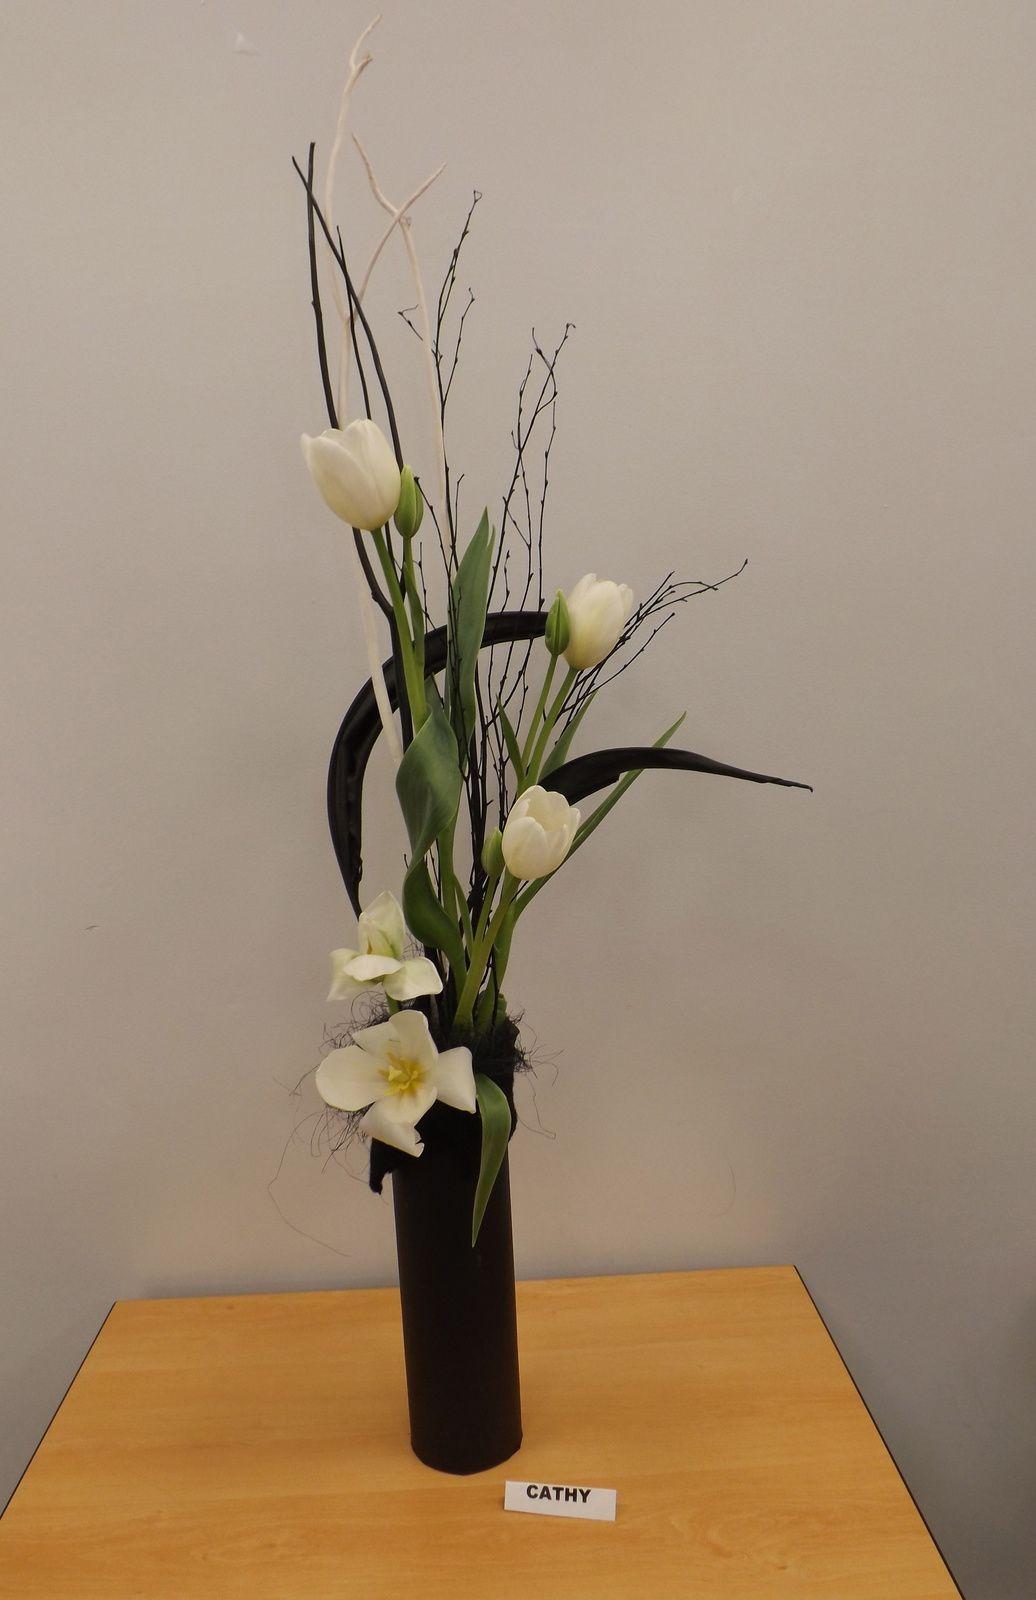 Feuilles de Strelitzia séchées et teintées noire, Mitsumata blanc et noir, bouleau, Tulipes ou Amaryllis